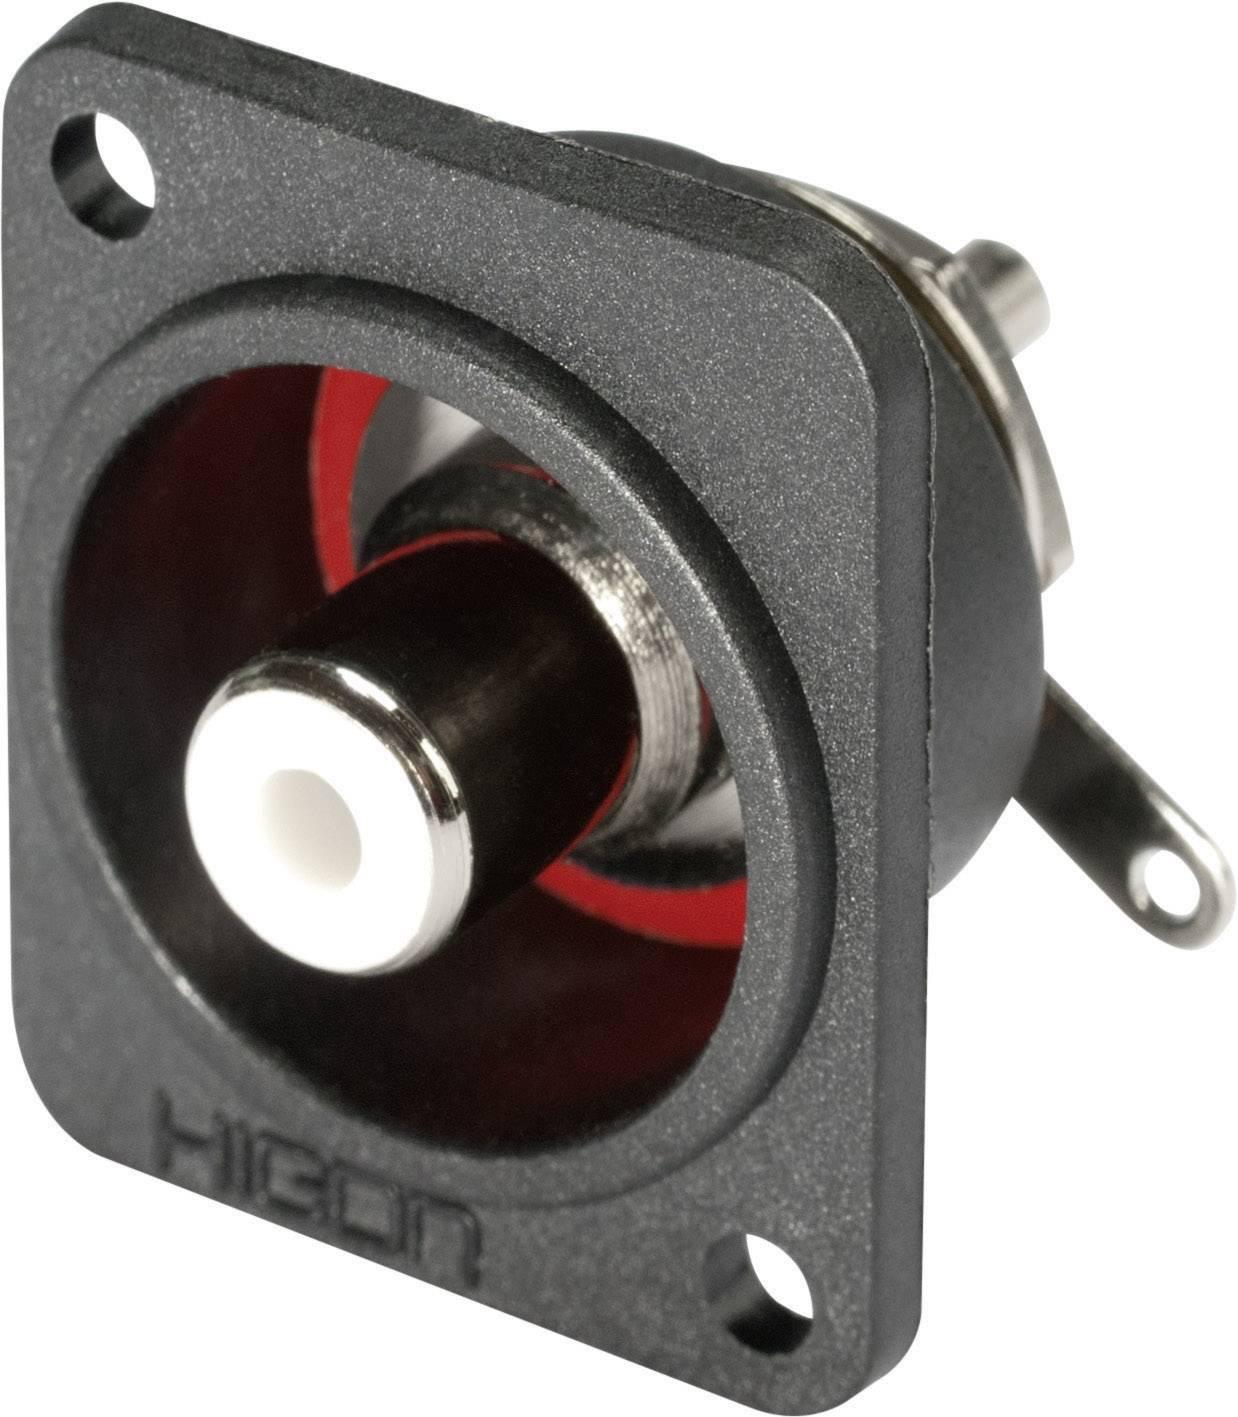 Cinch konektor prírubová zásuvka, rovná Hicon HI-CEFD-RED, pinov 2, červená, 1 ks